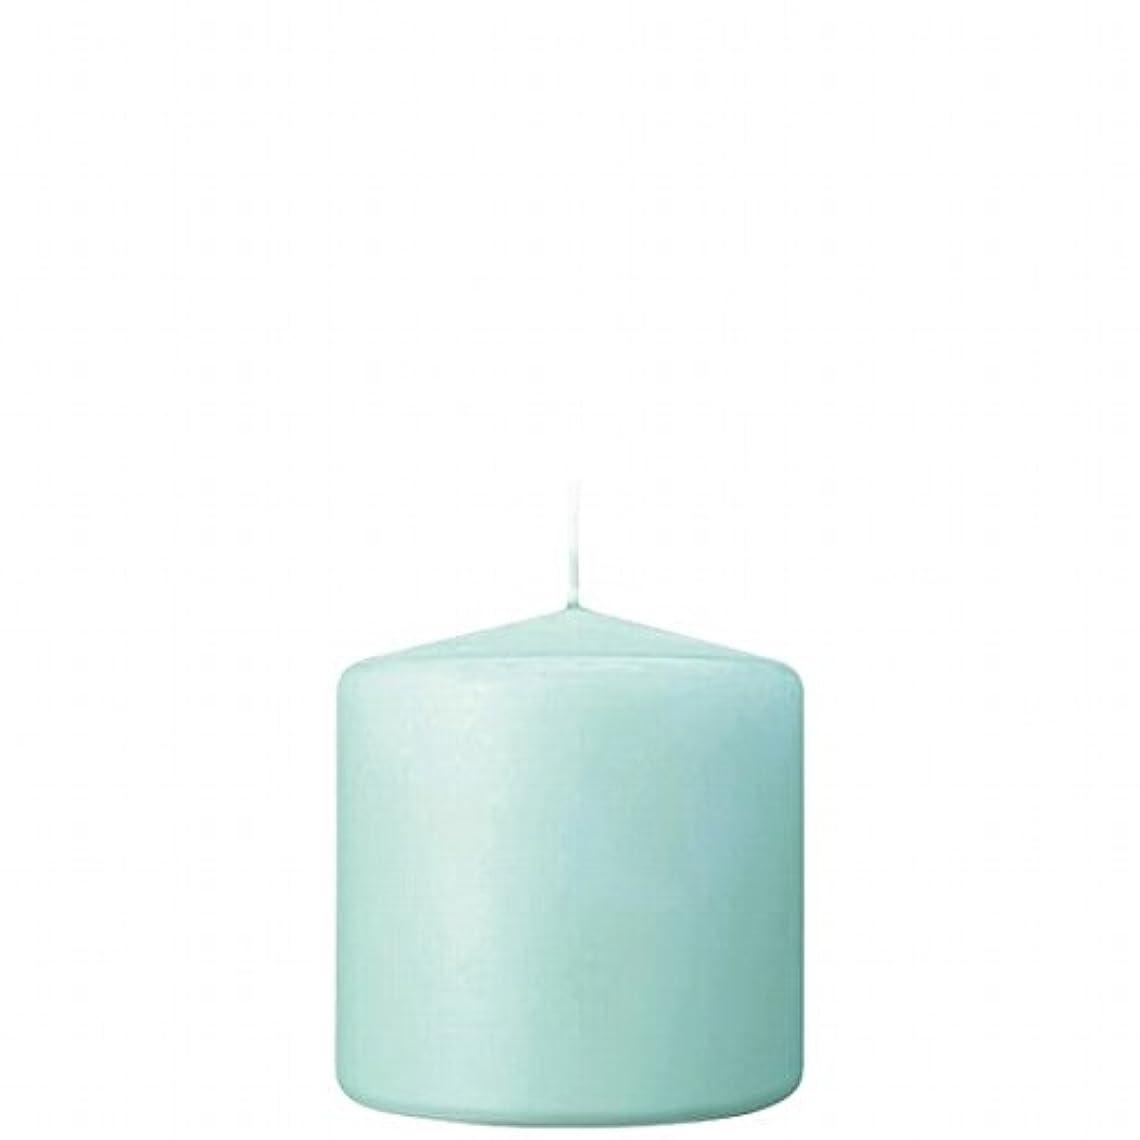 争いエキスクライストチャーチカメヤマキャンドル(kameyama candle) 3×3ベルトップピラーキャンドル 「 ライトブルー 」